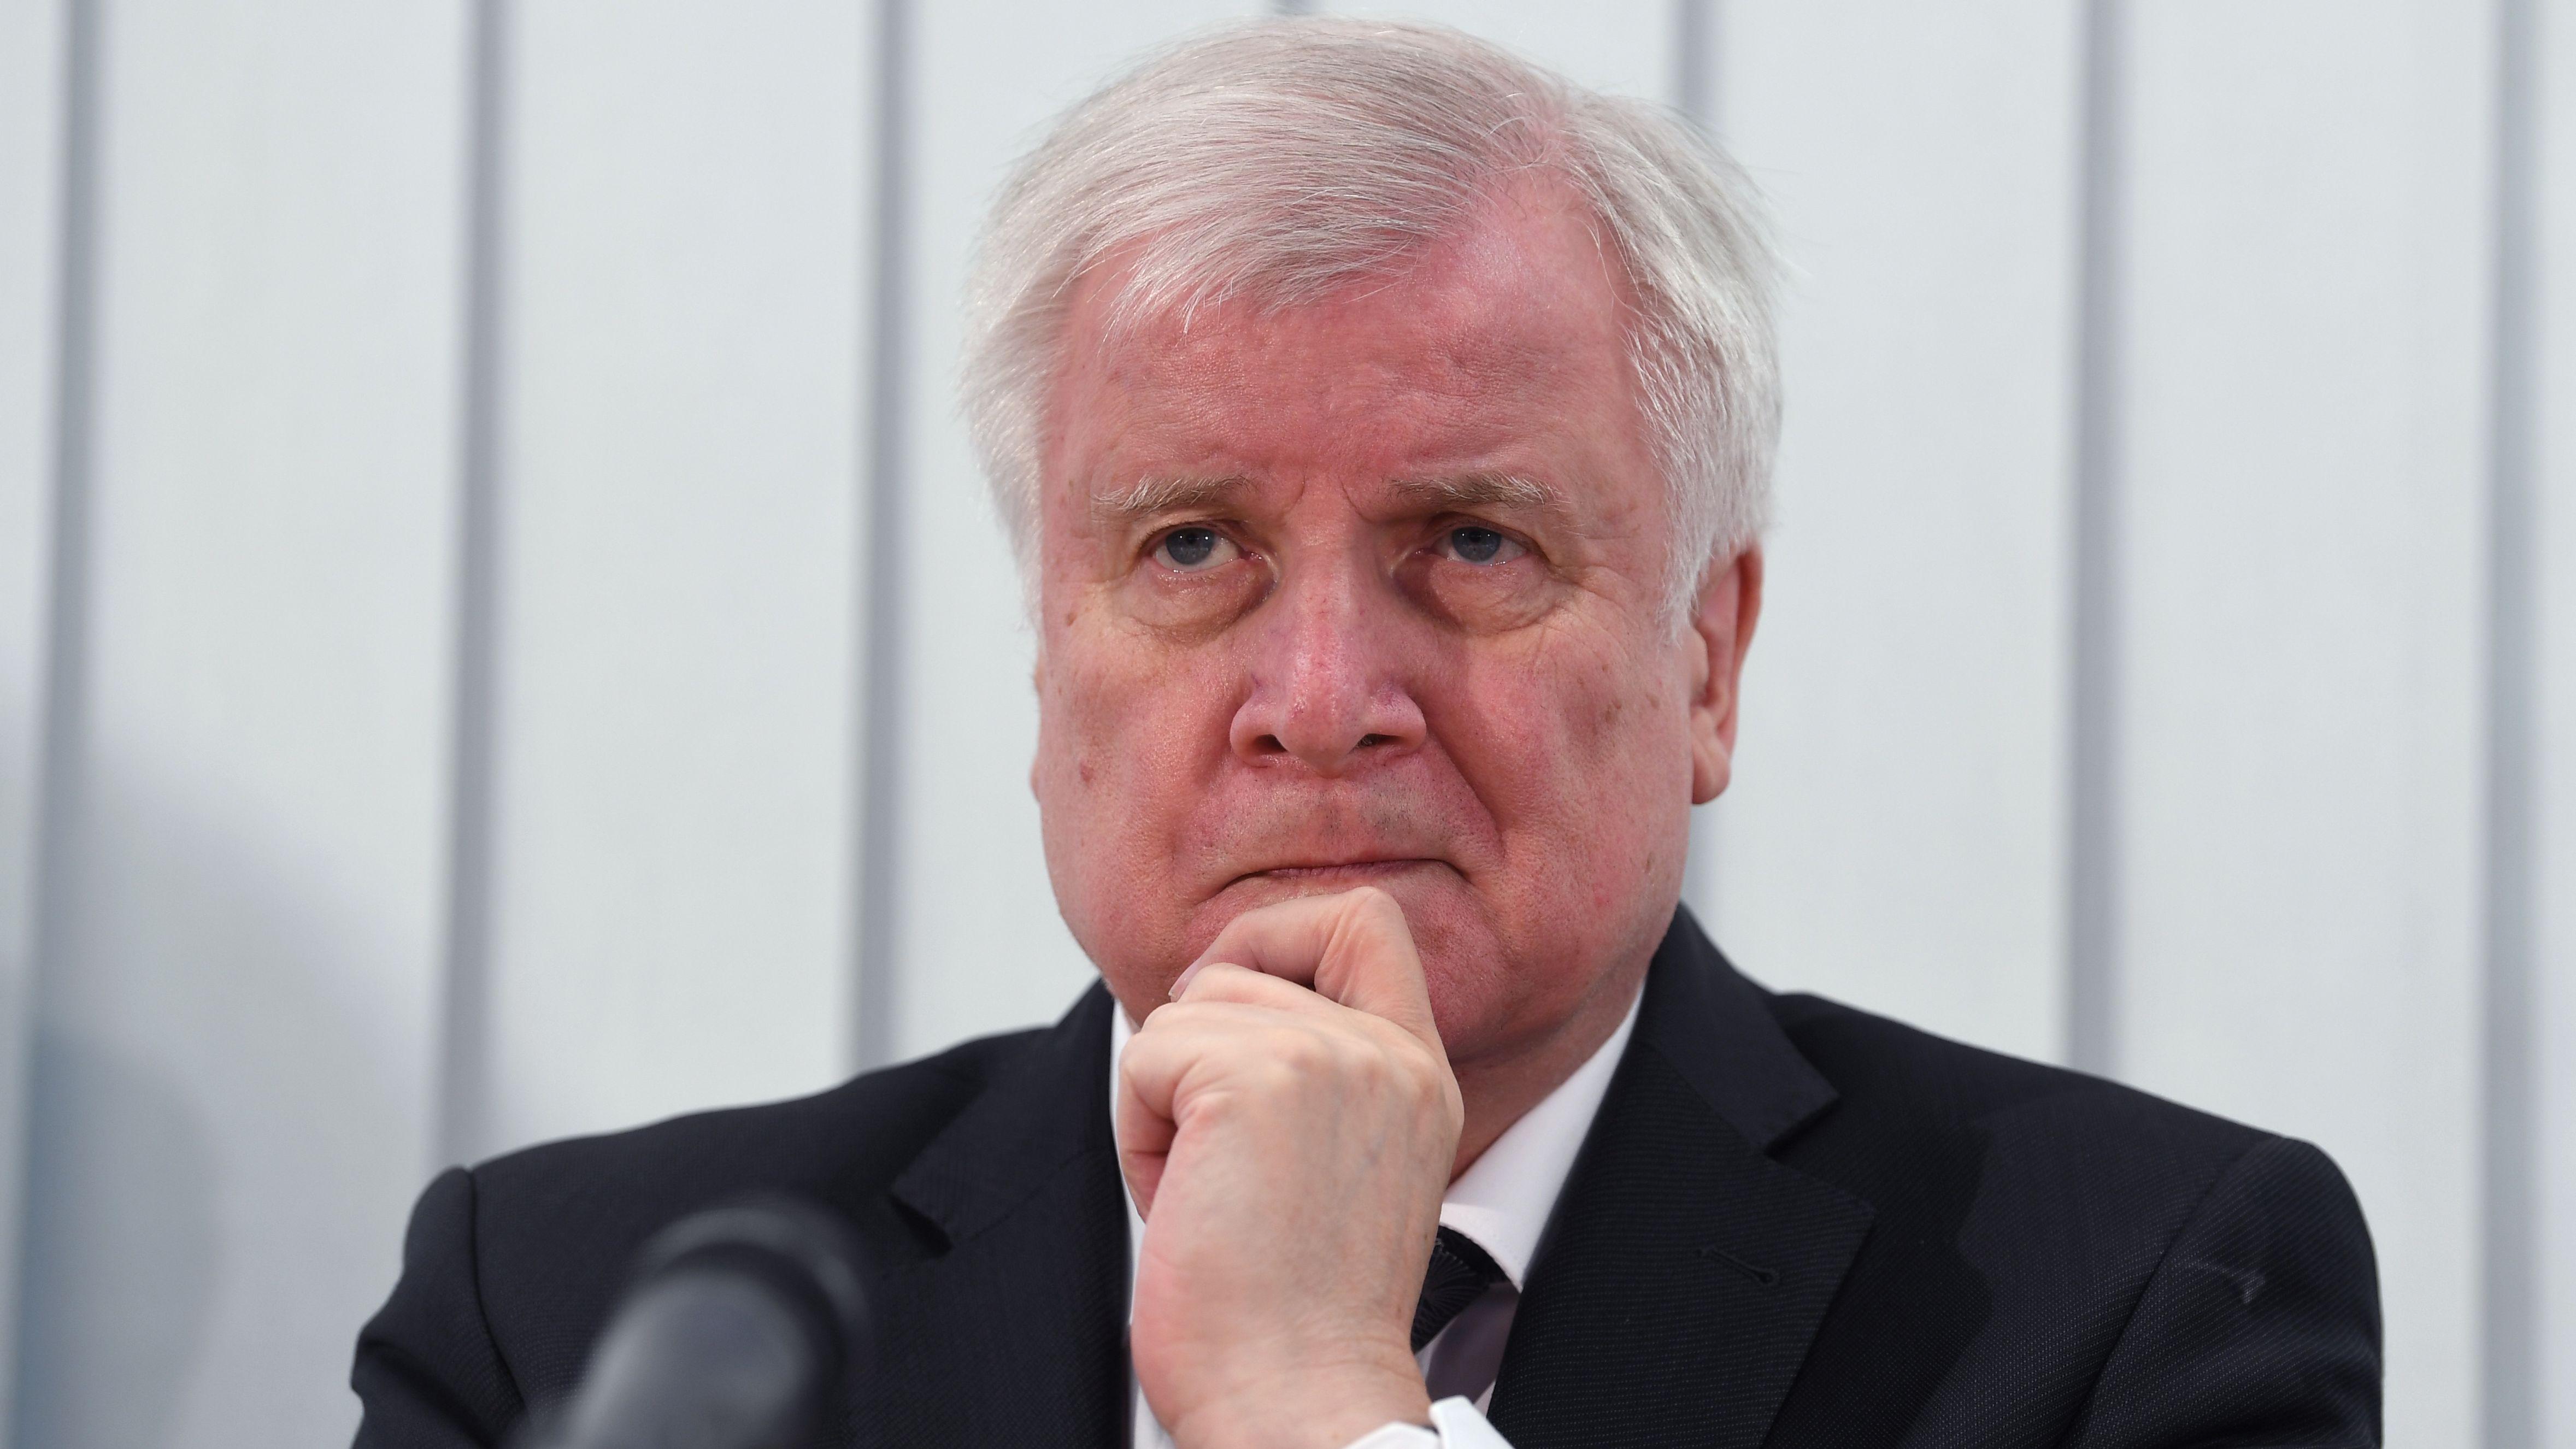 Halle, 10.10.2019: Horst Seehofer (CSU), Bundesinnenminister, bei einer Pressekonferenz zum Stand der Ermittlungen.